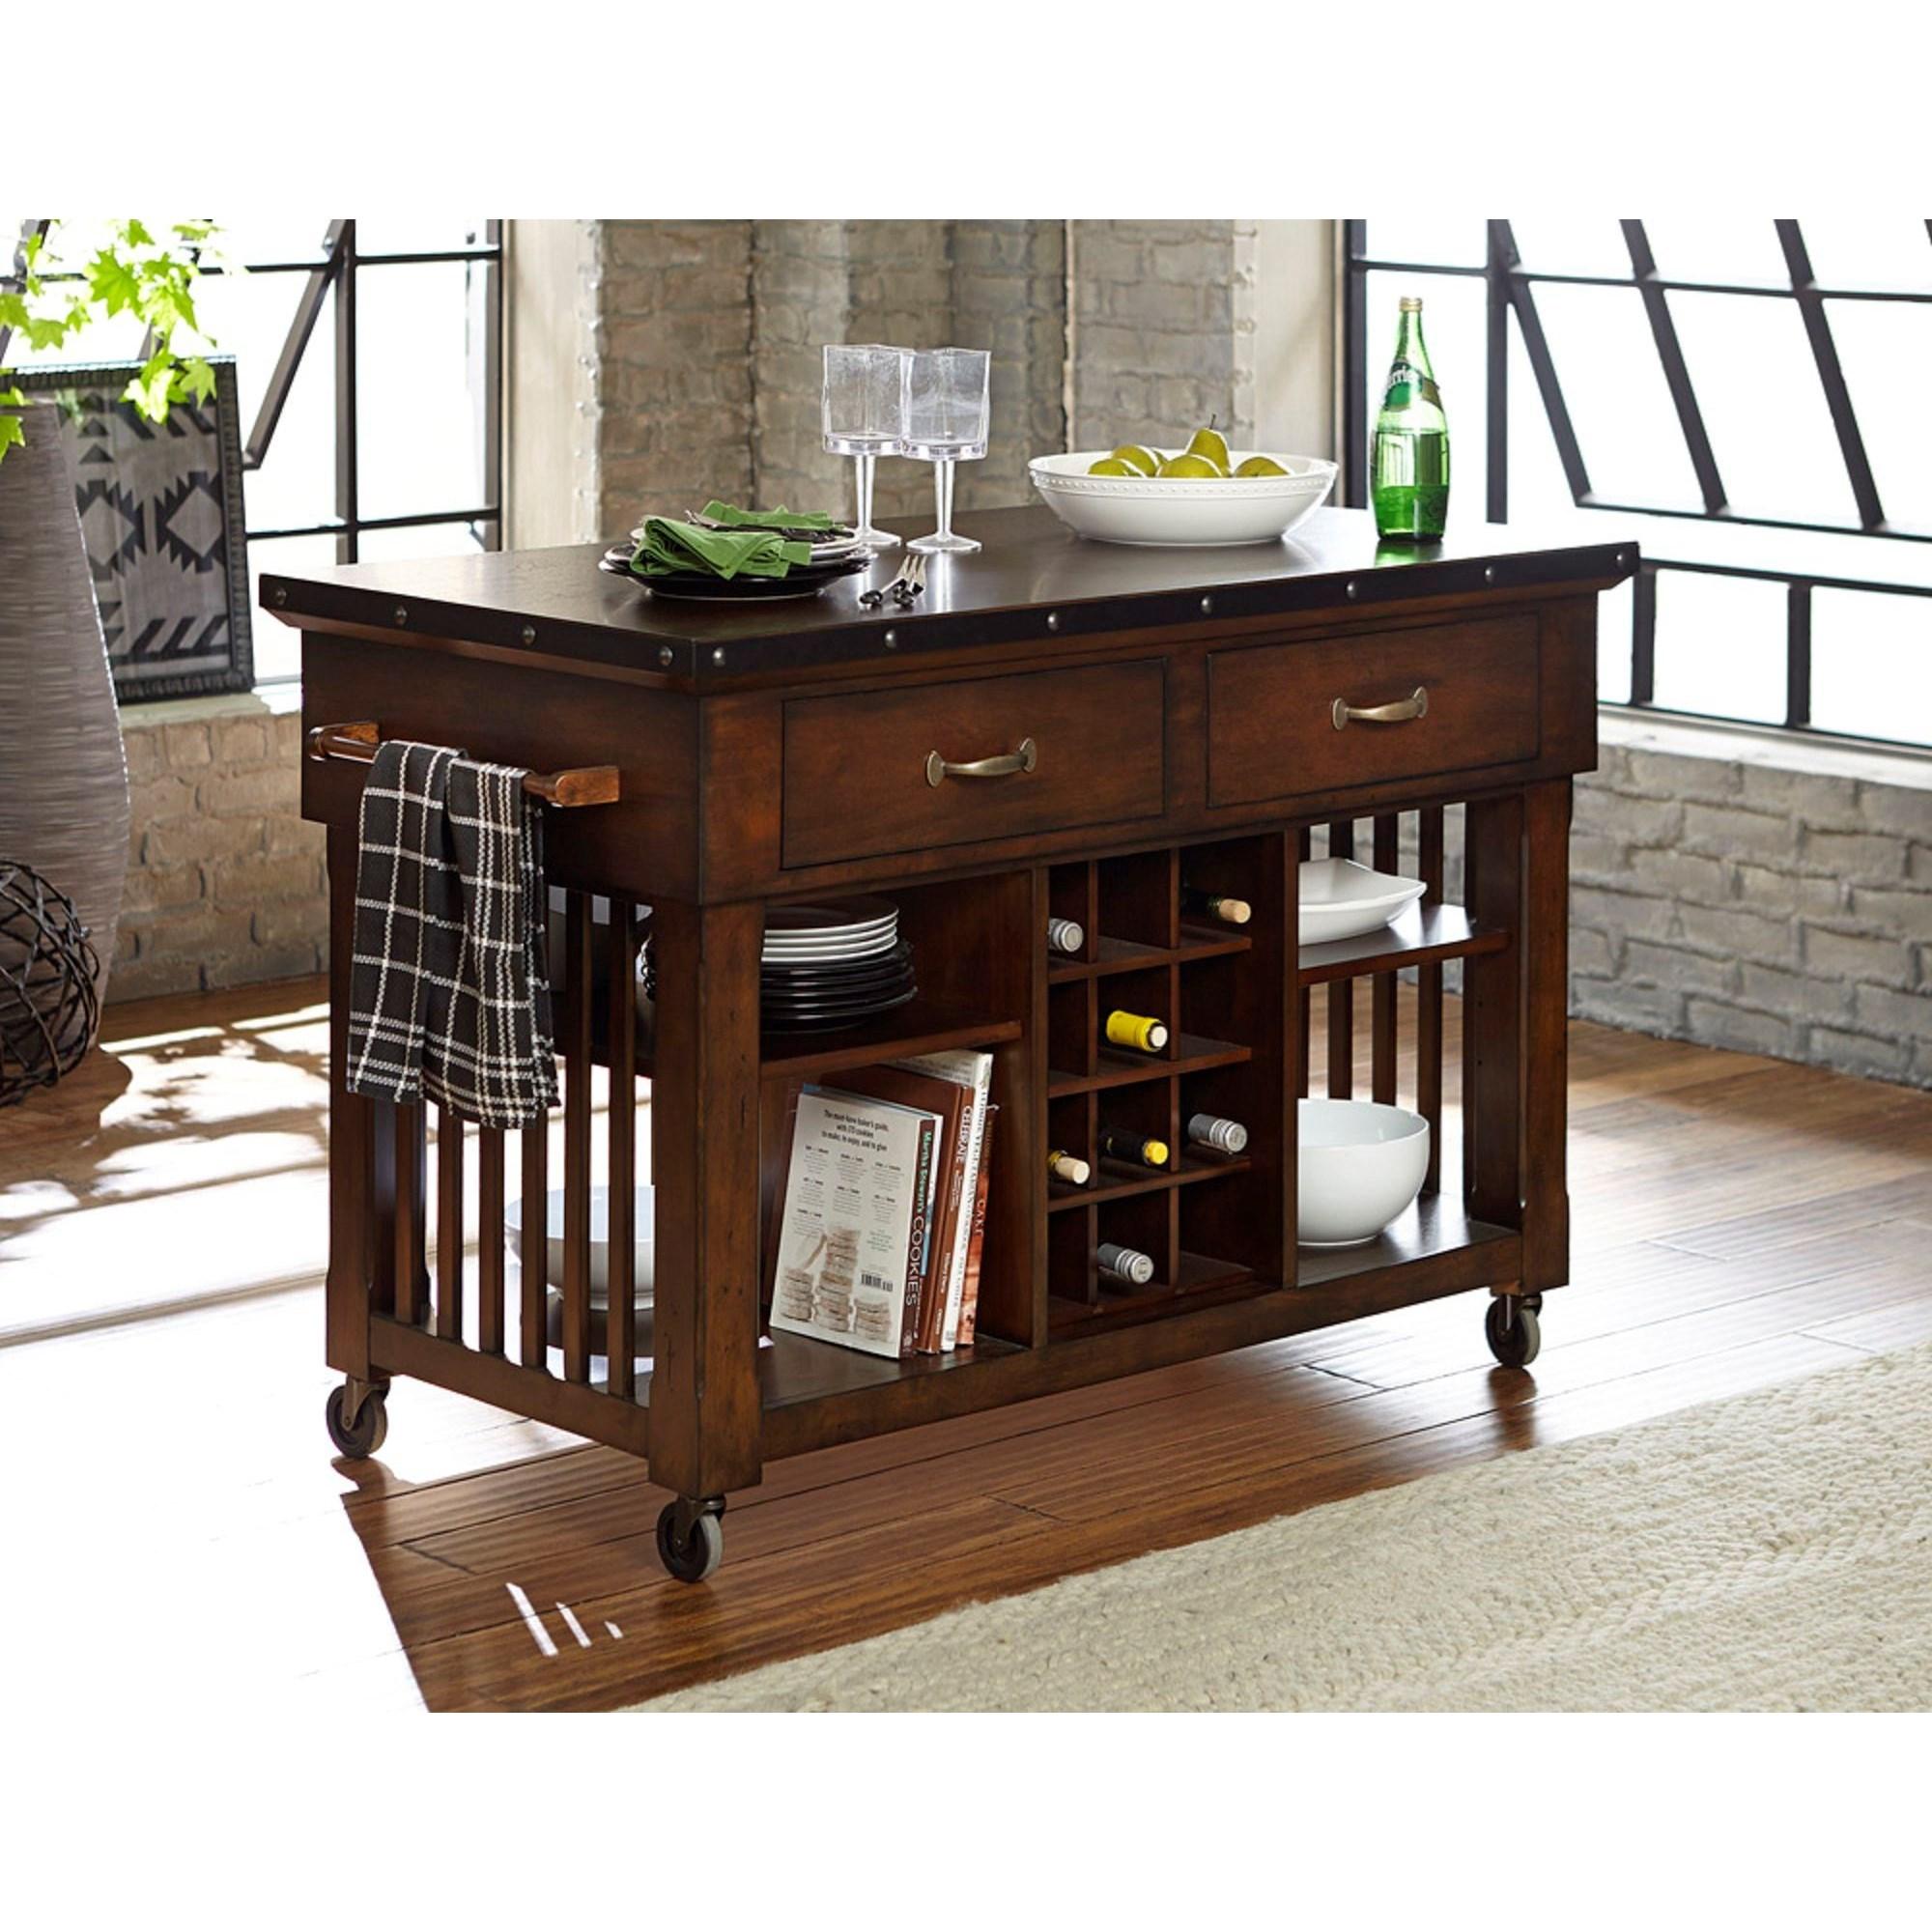 Homelegance schleiger 5400 07 industrial kitchen island - Kitchen island decorative trim ...